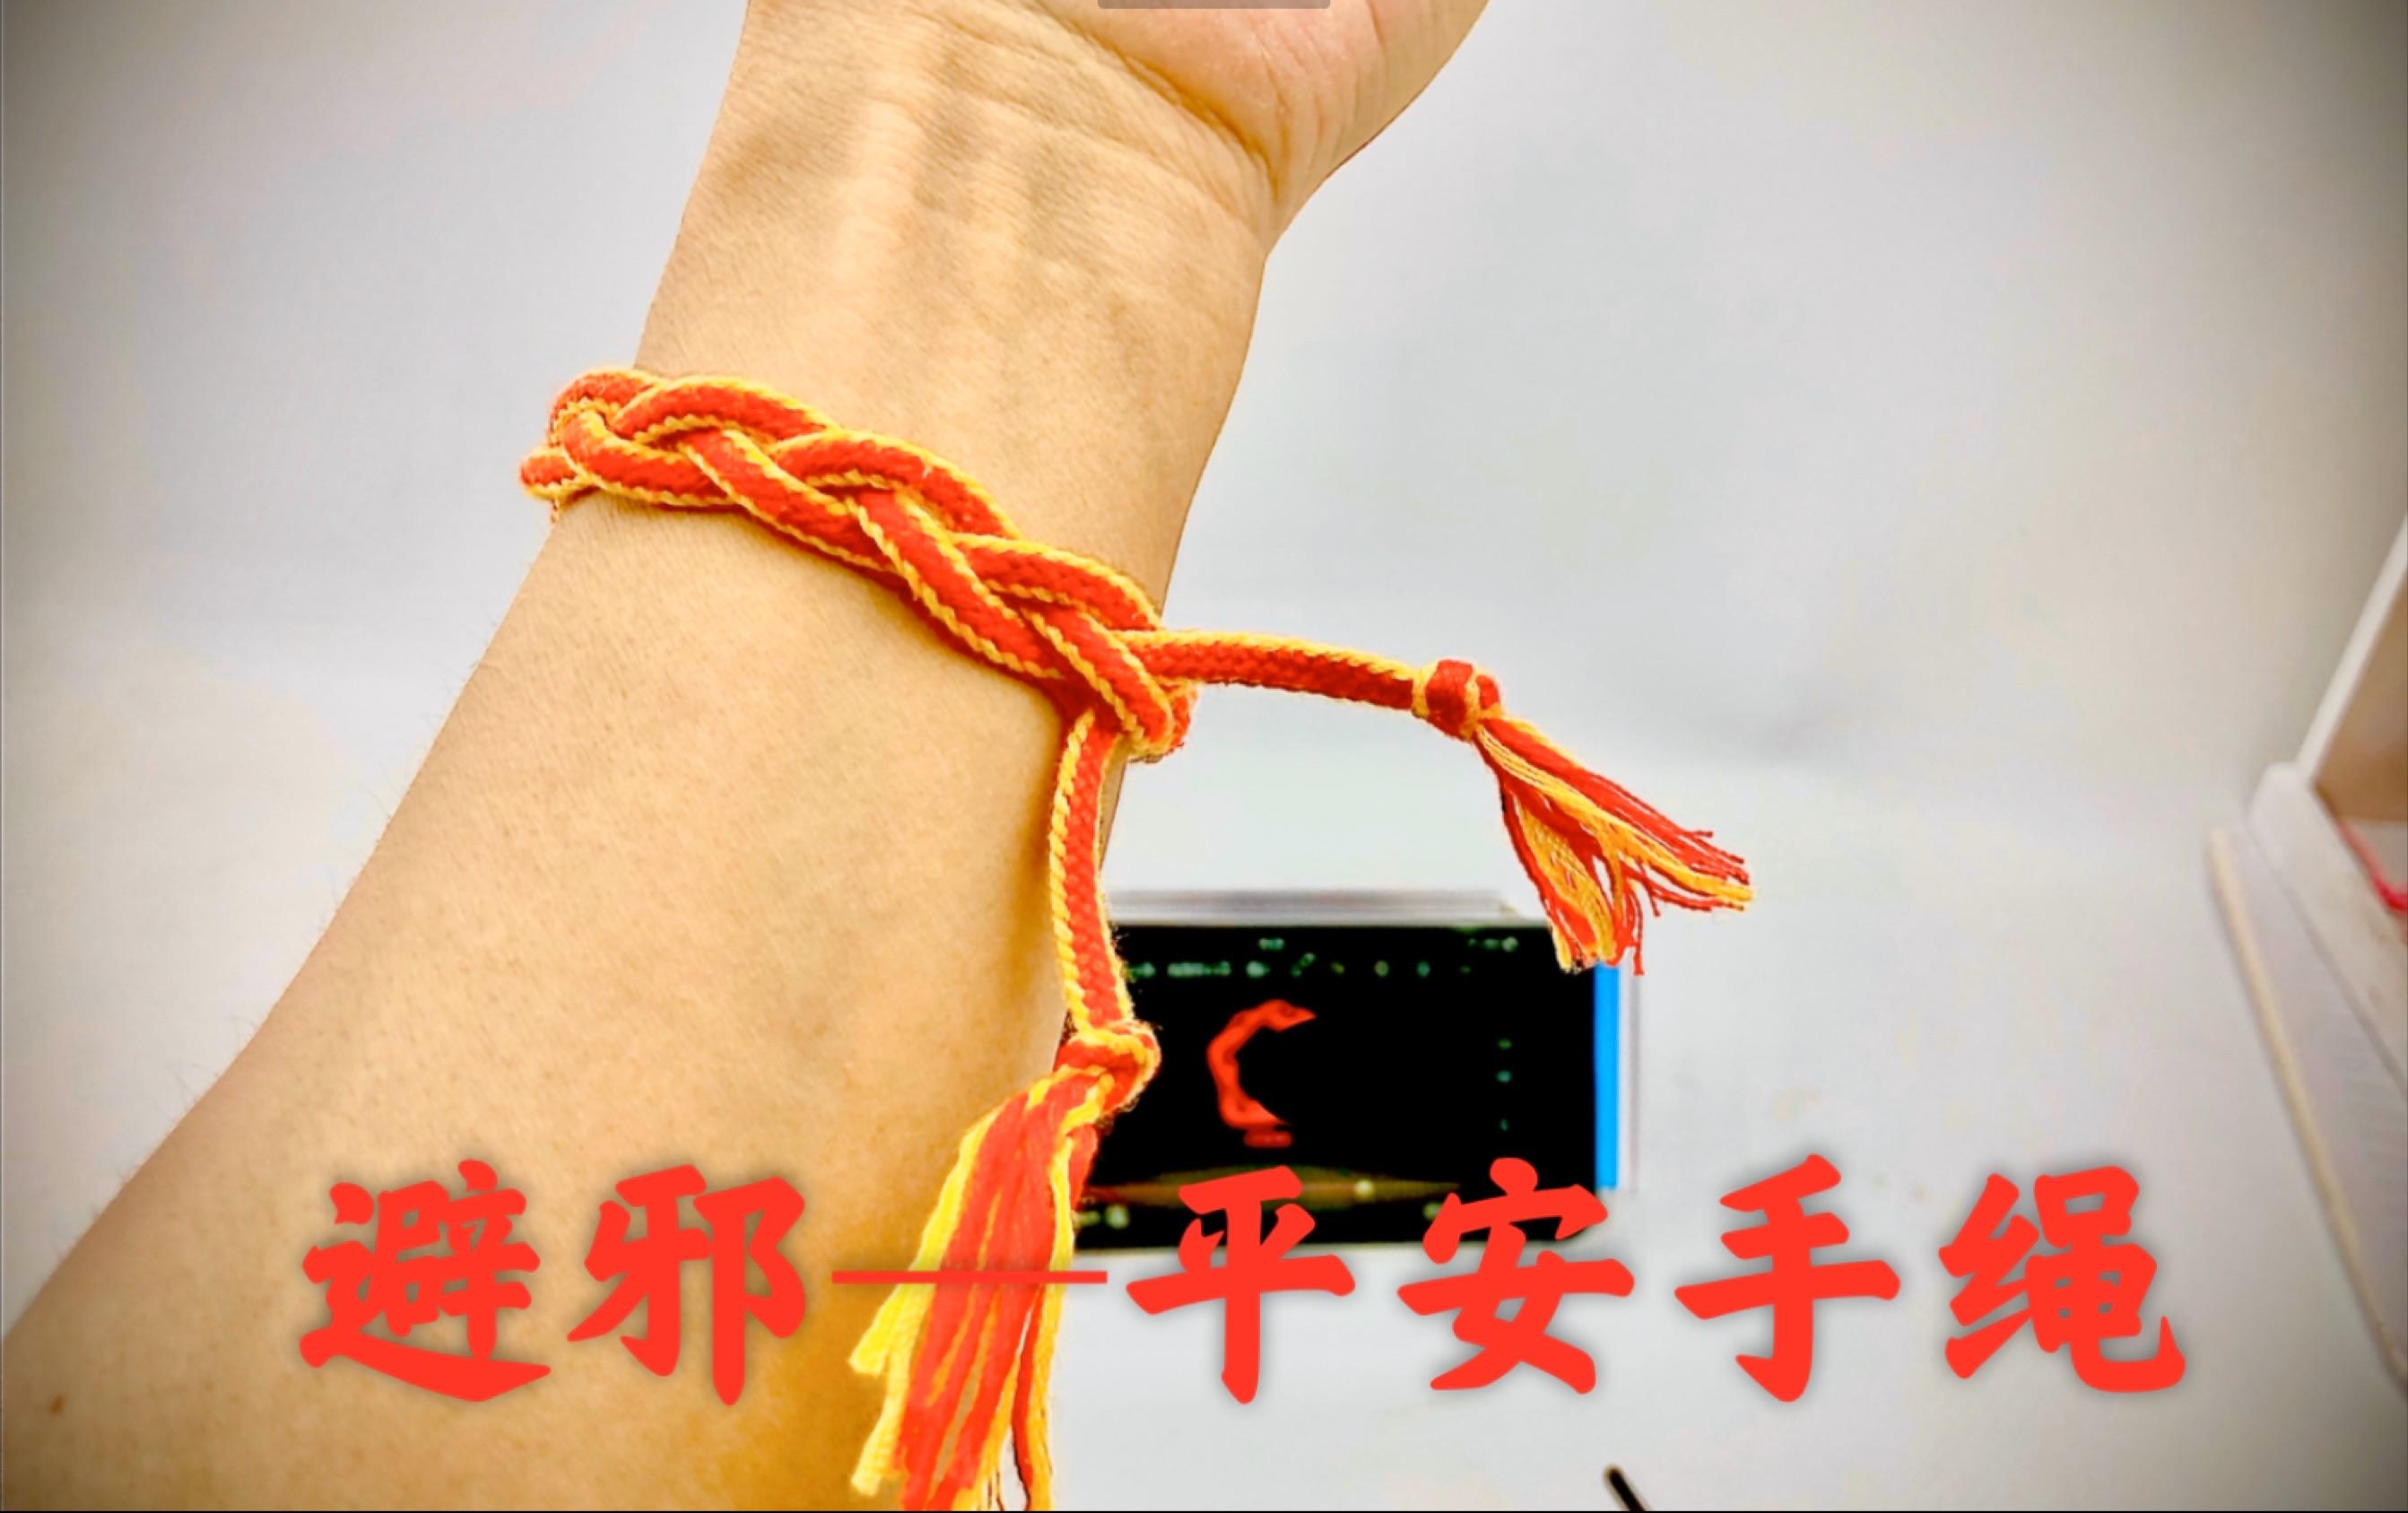 中国结论坛 平安手链编织教程,避邪红绳详细做法 手绳,手绳各种结的寓意,黑色金刚结手绳寓意,手绳绳结及寓意,手绳寓意代表什么 视频教程区 010003zbq7zmbq3qff3bf7